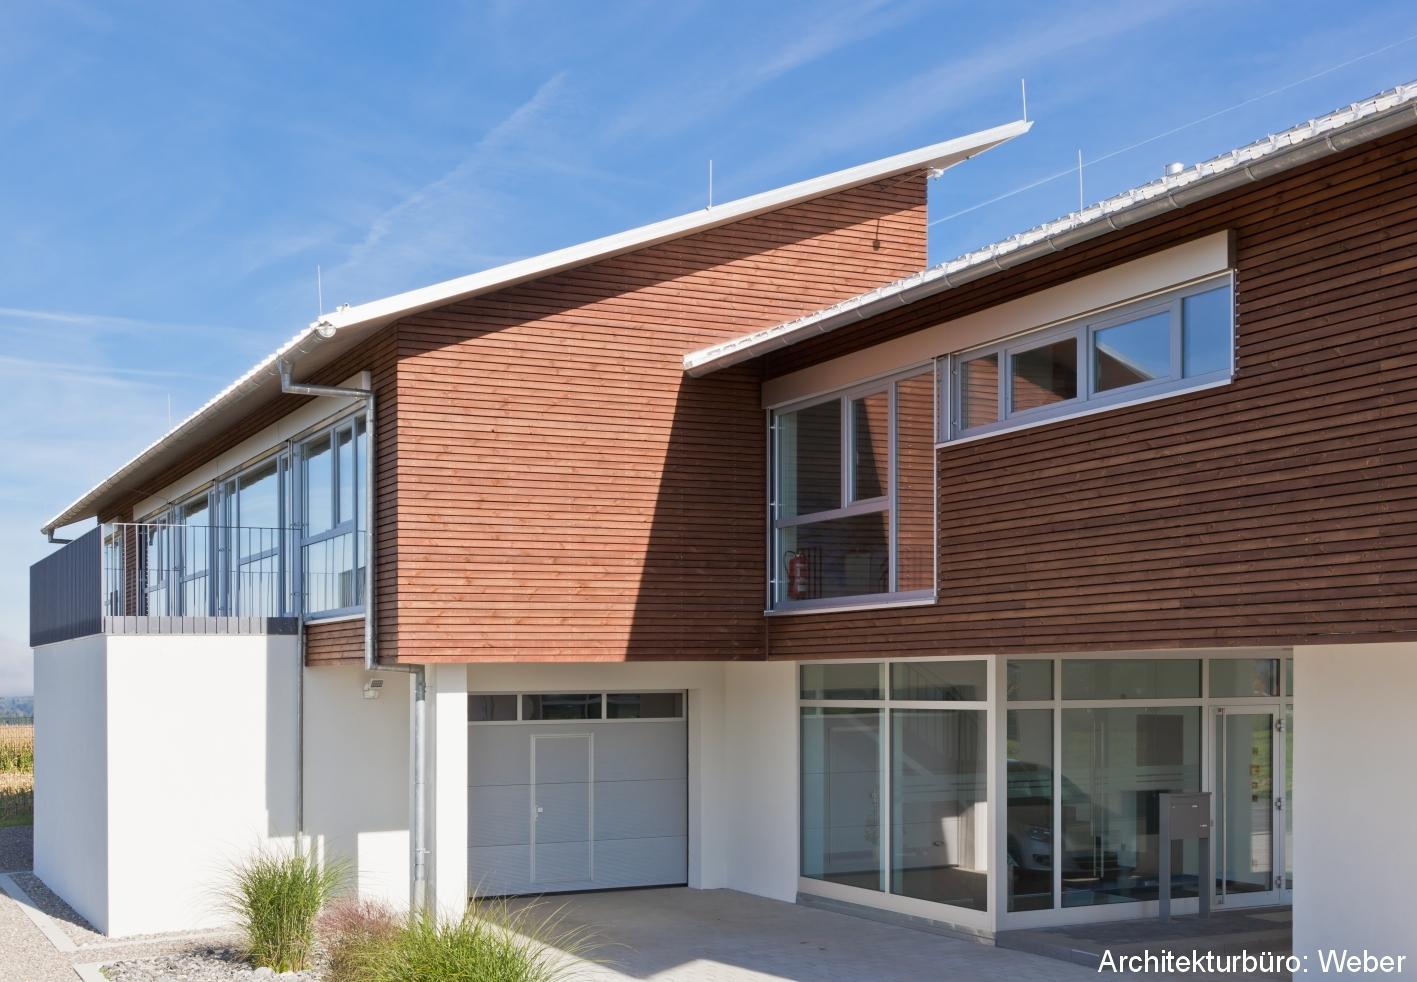 Elegant Welche Fassadenfarbe Passt Zu Braunen Fenstern Ideen Von Leiste Nubia #holzfassade #außenfassade #fassade ©franz Habisreutinger